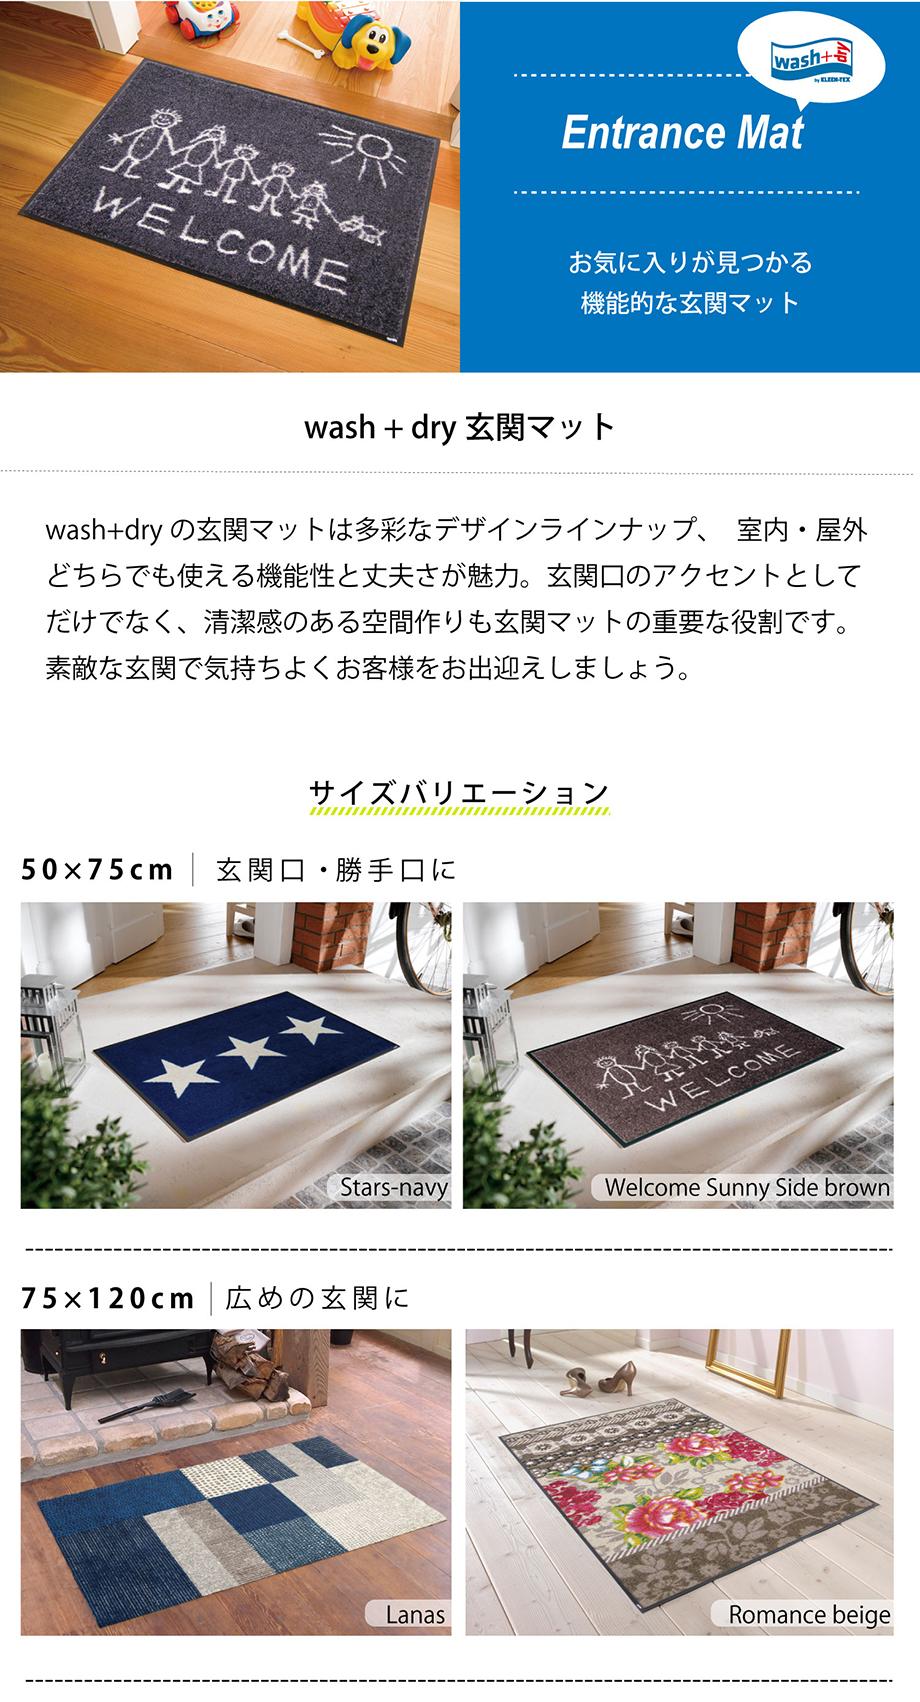 wash + dry玄関マット